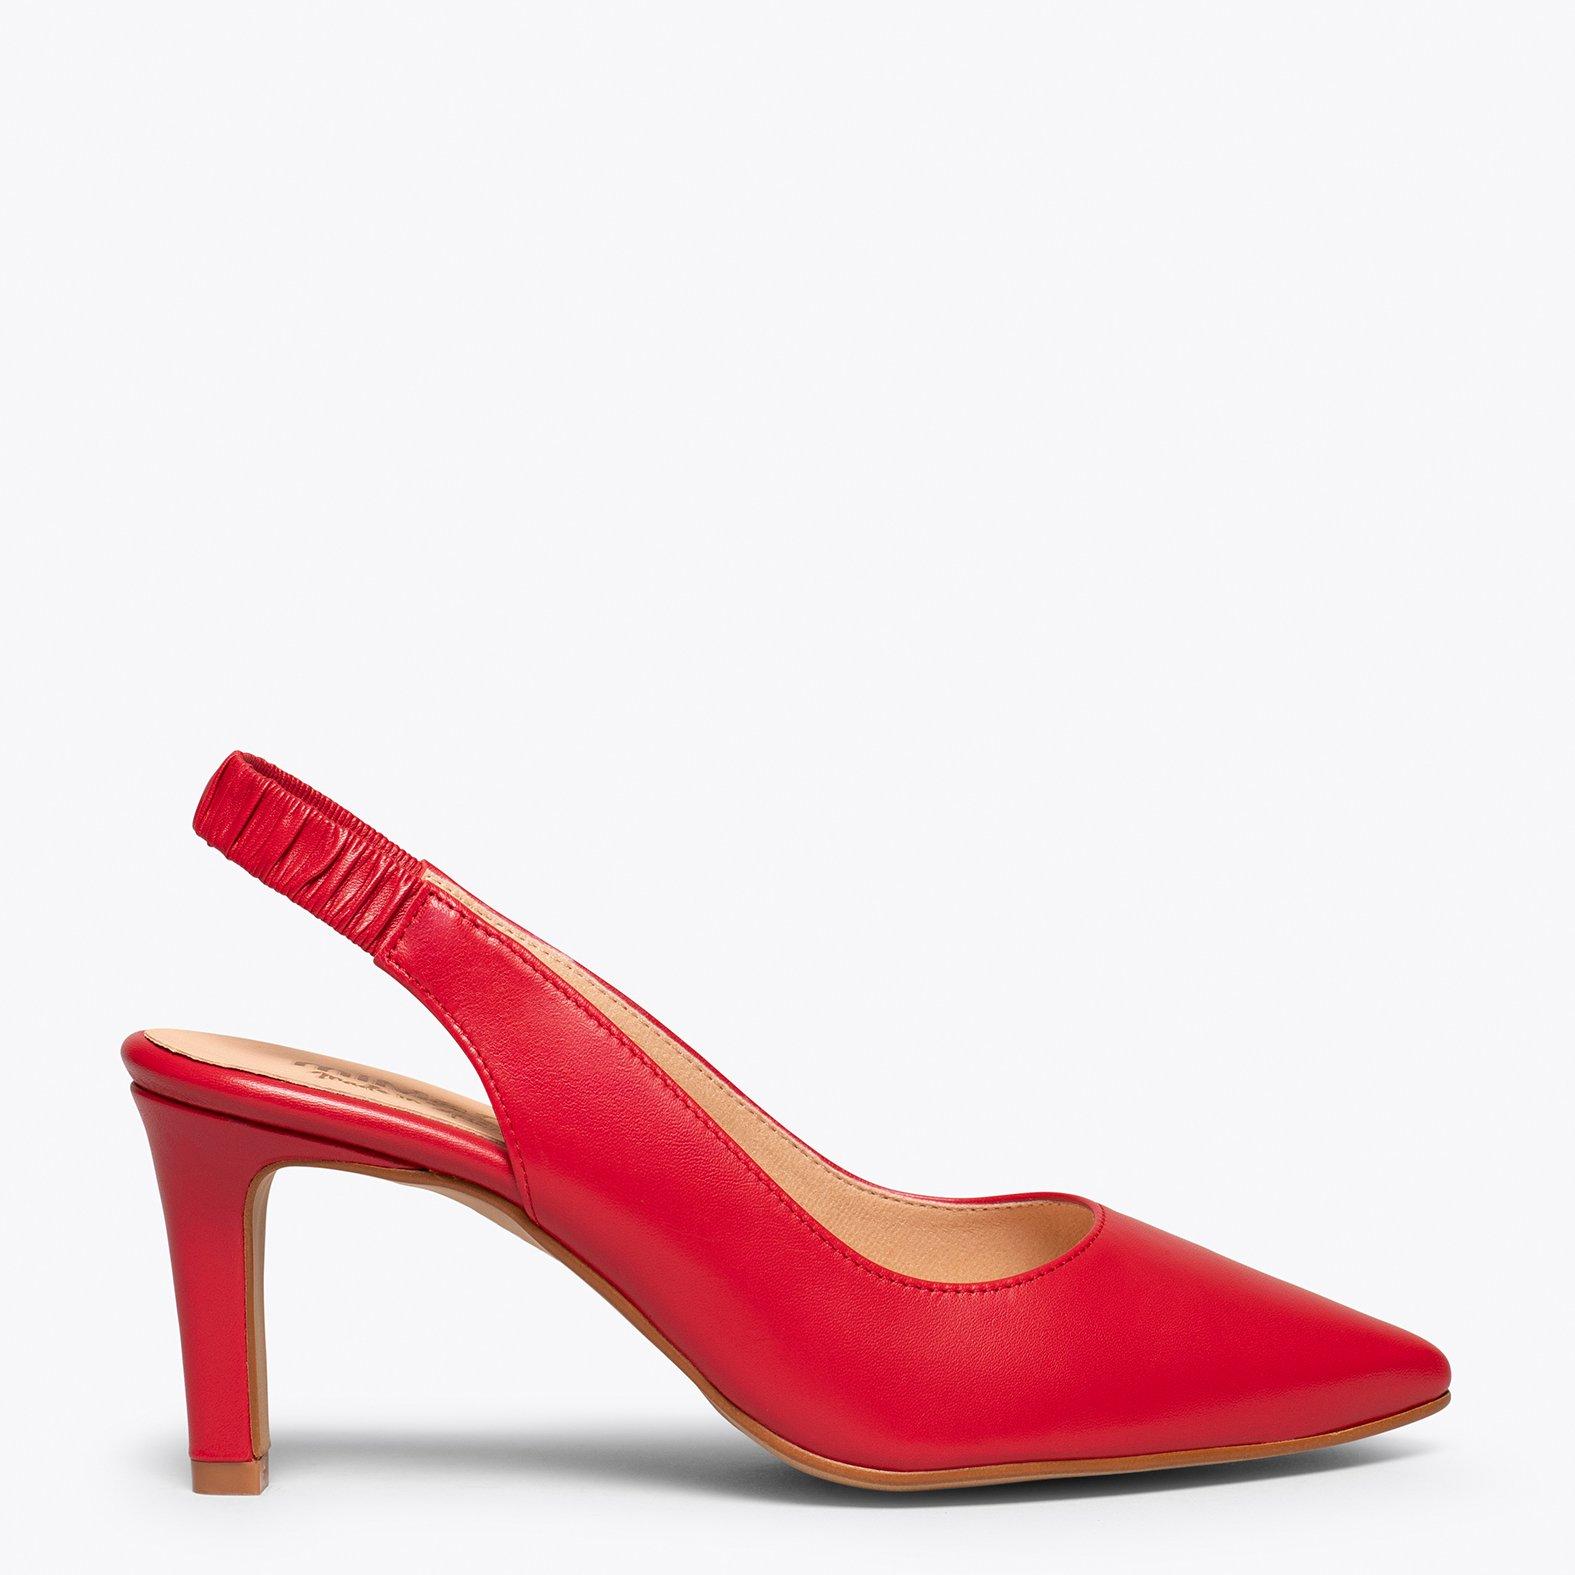 COCKTAIL Zapato destalonado ROJO